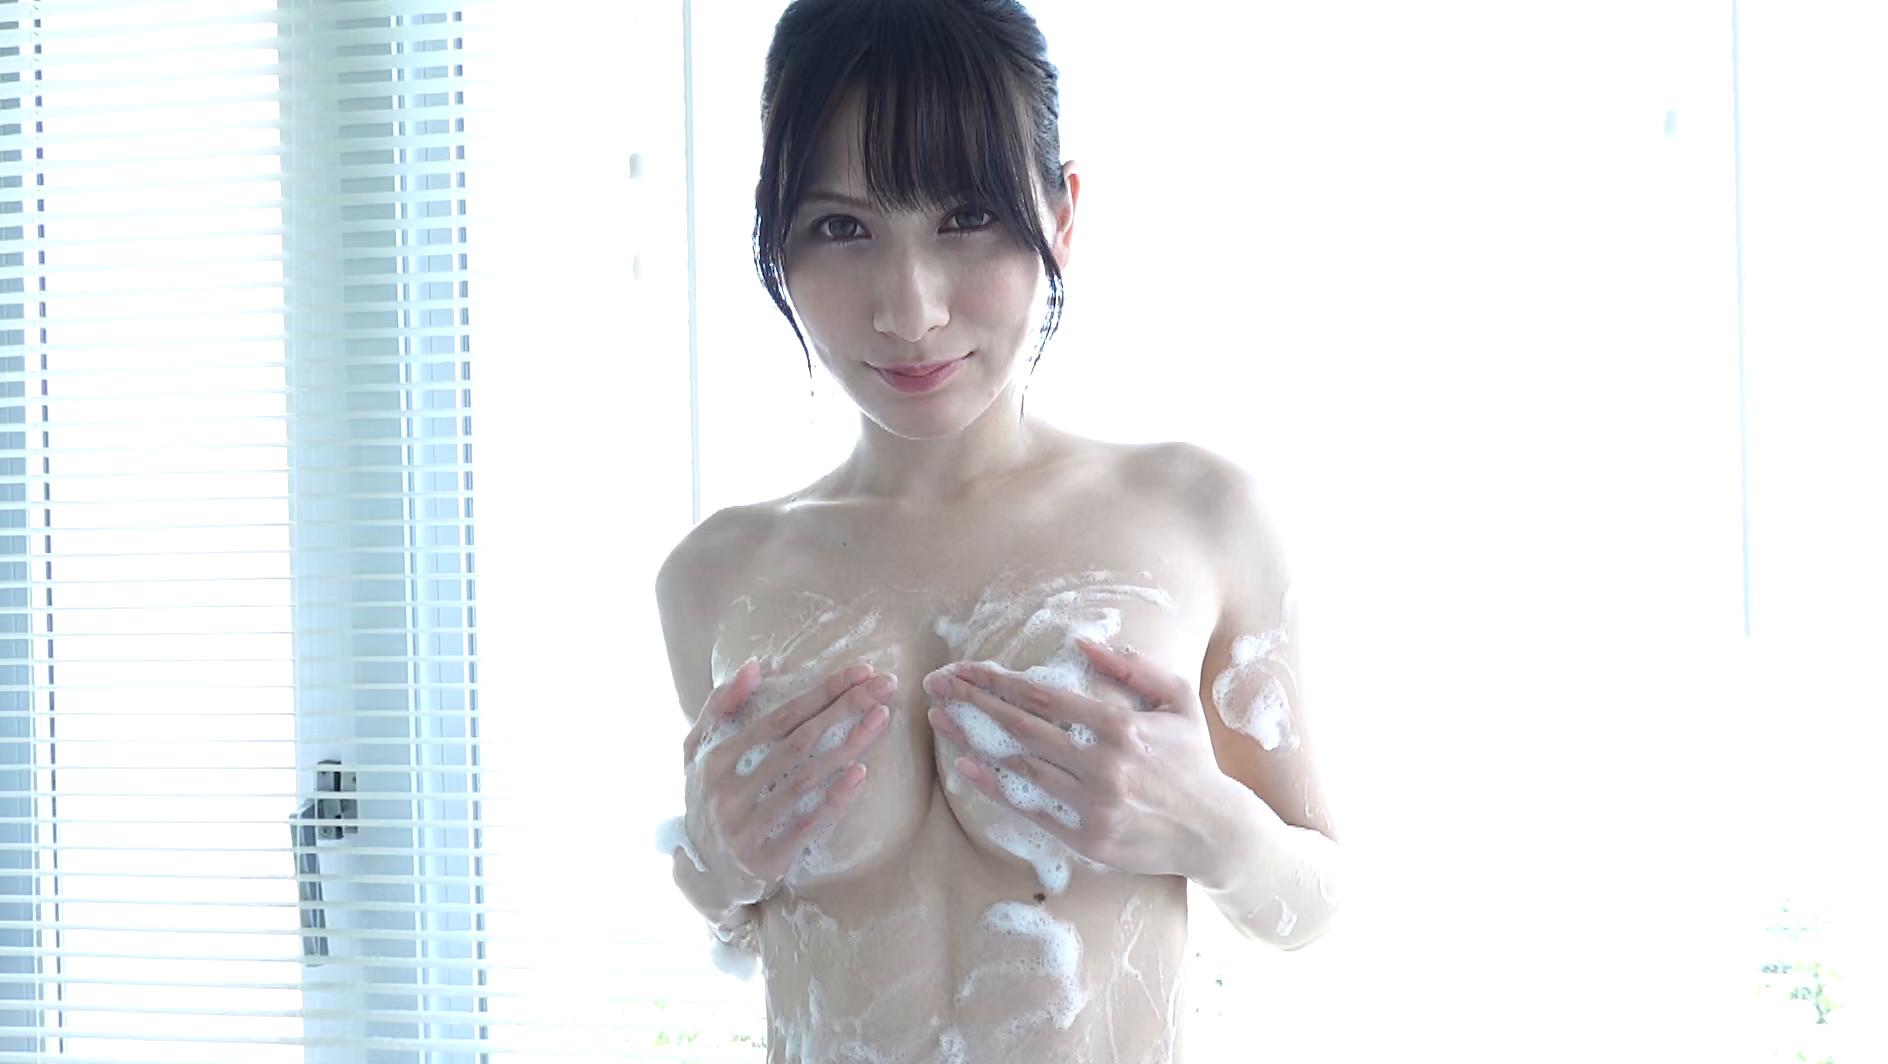 魅惑のサーシャ サーシャ菜美13